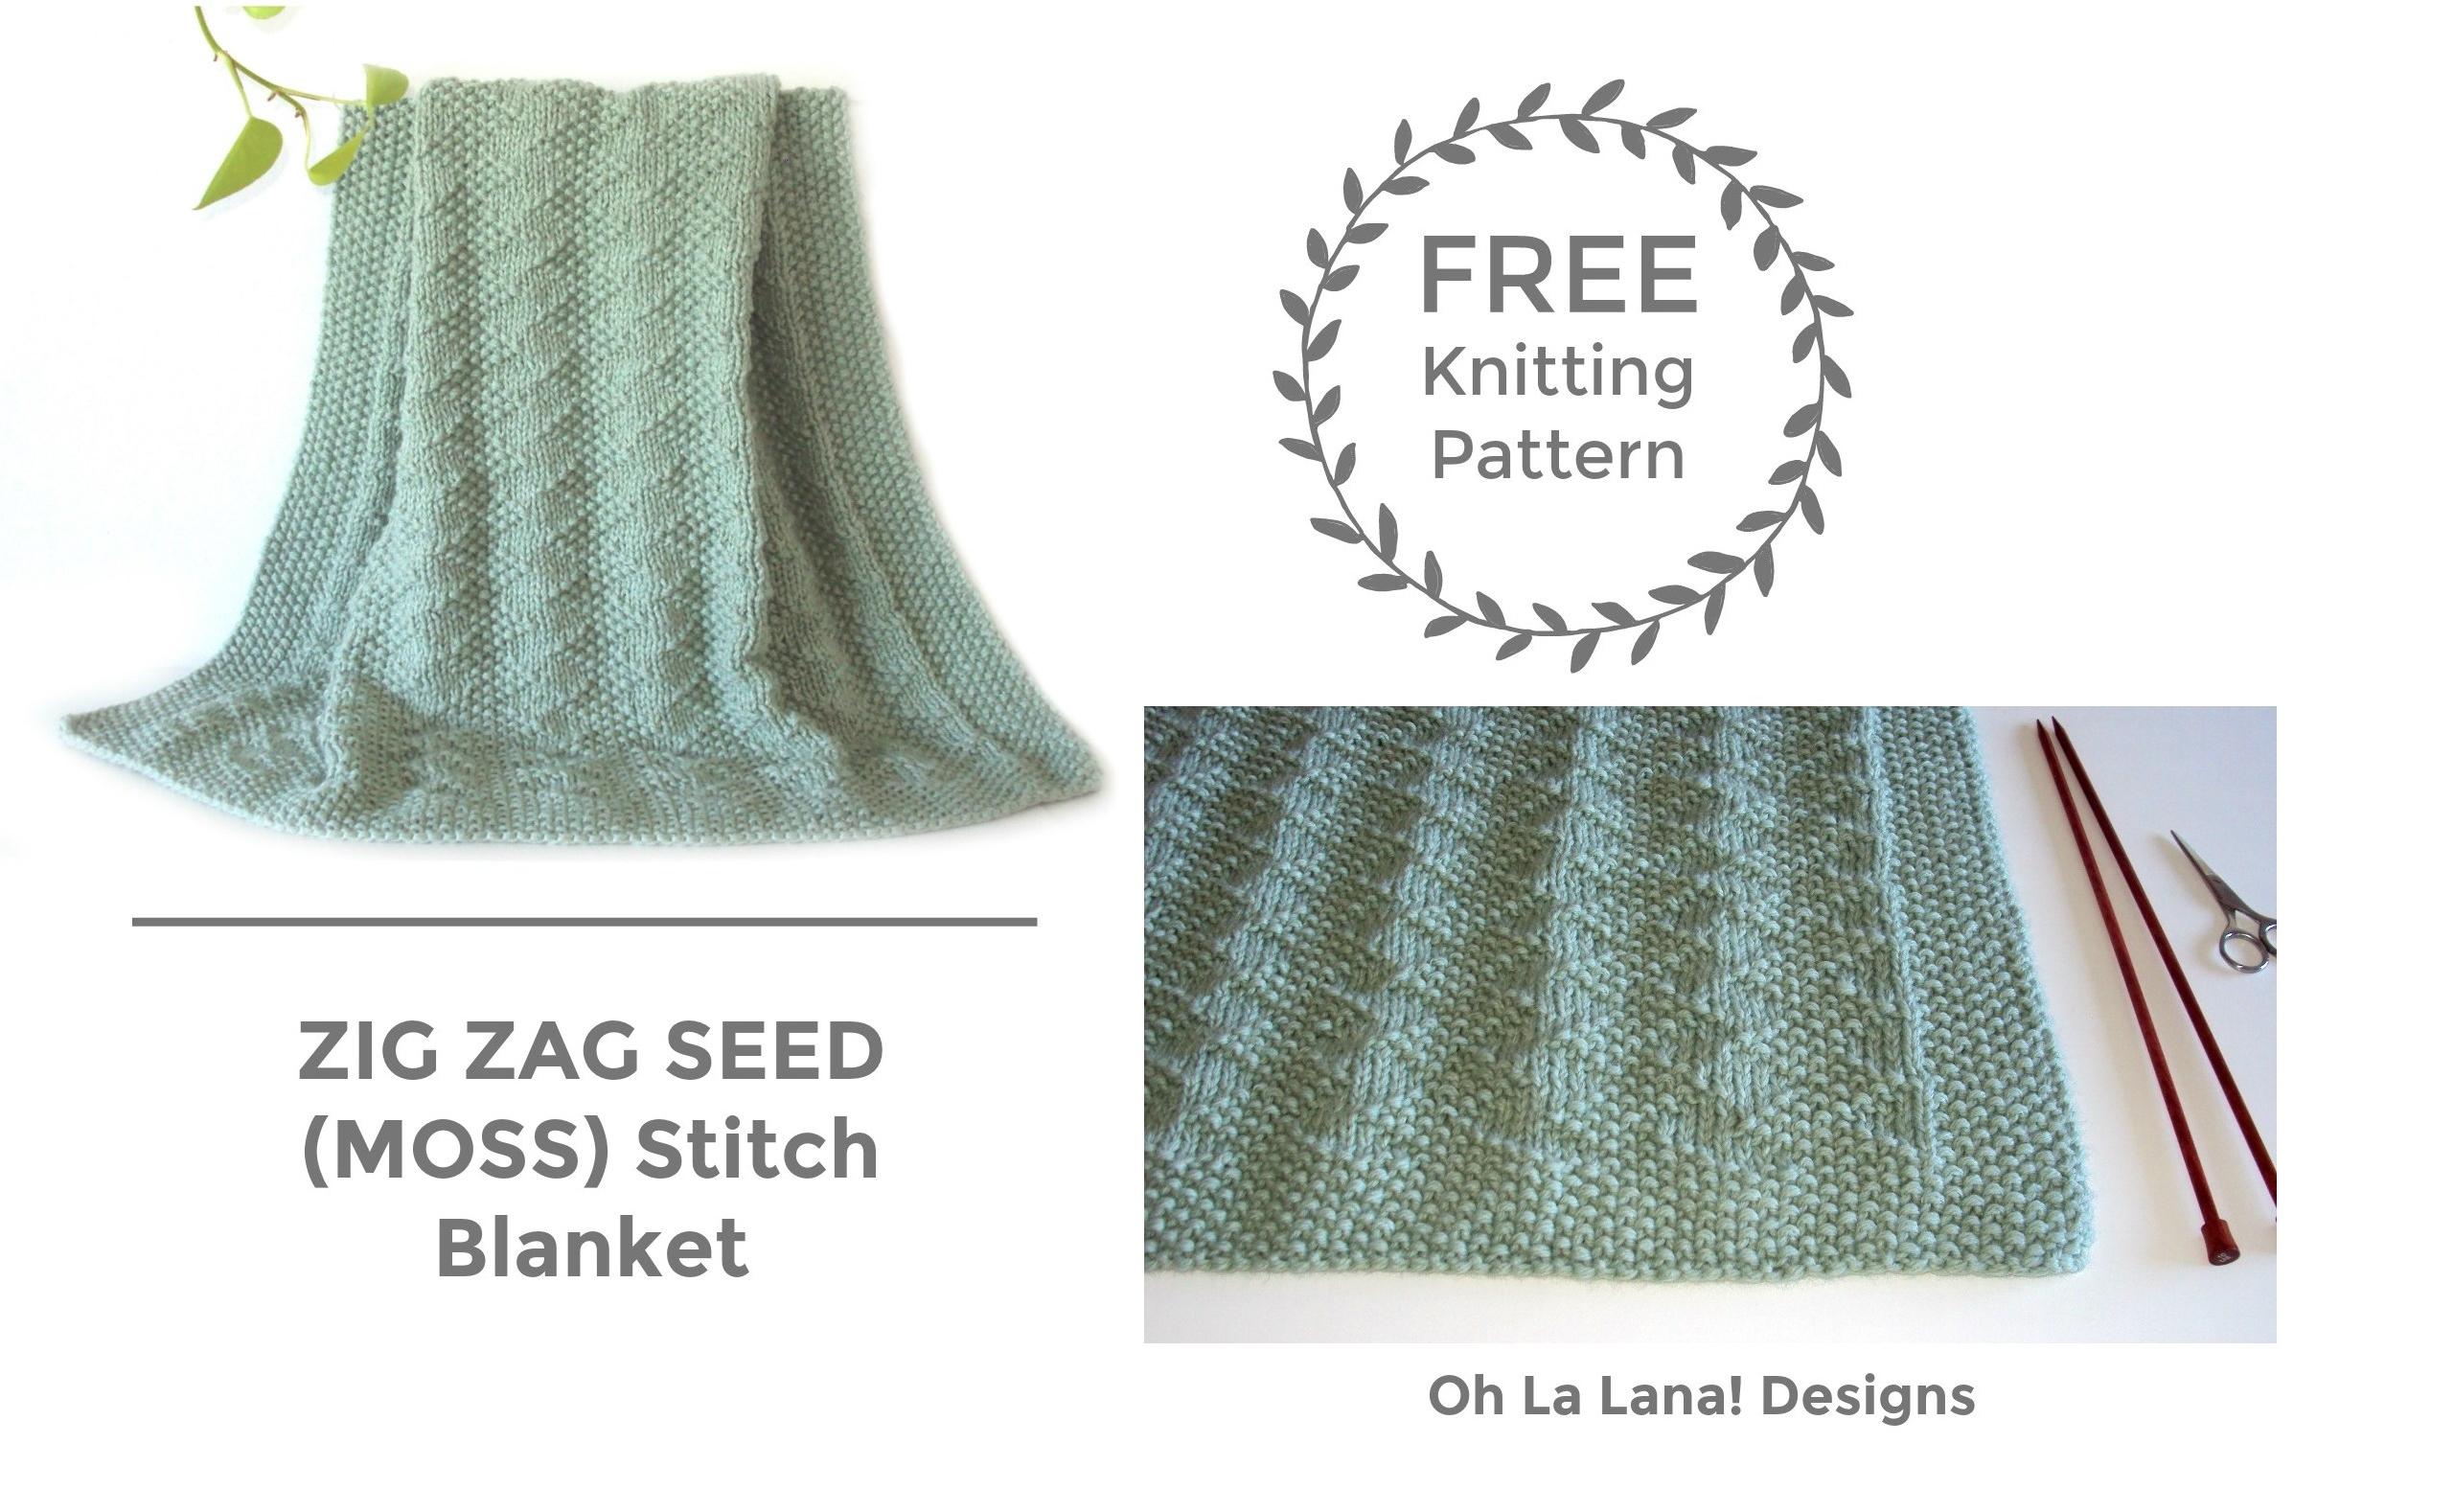 Zig Zag Seed / Moss Blanket FREE PATTERN - Oh La Lana